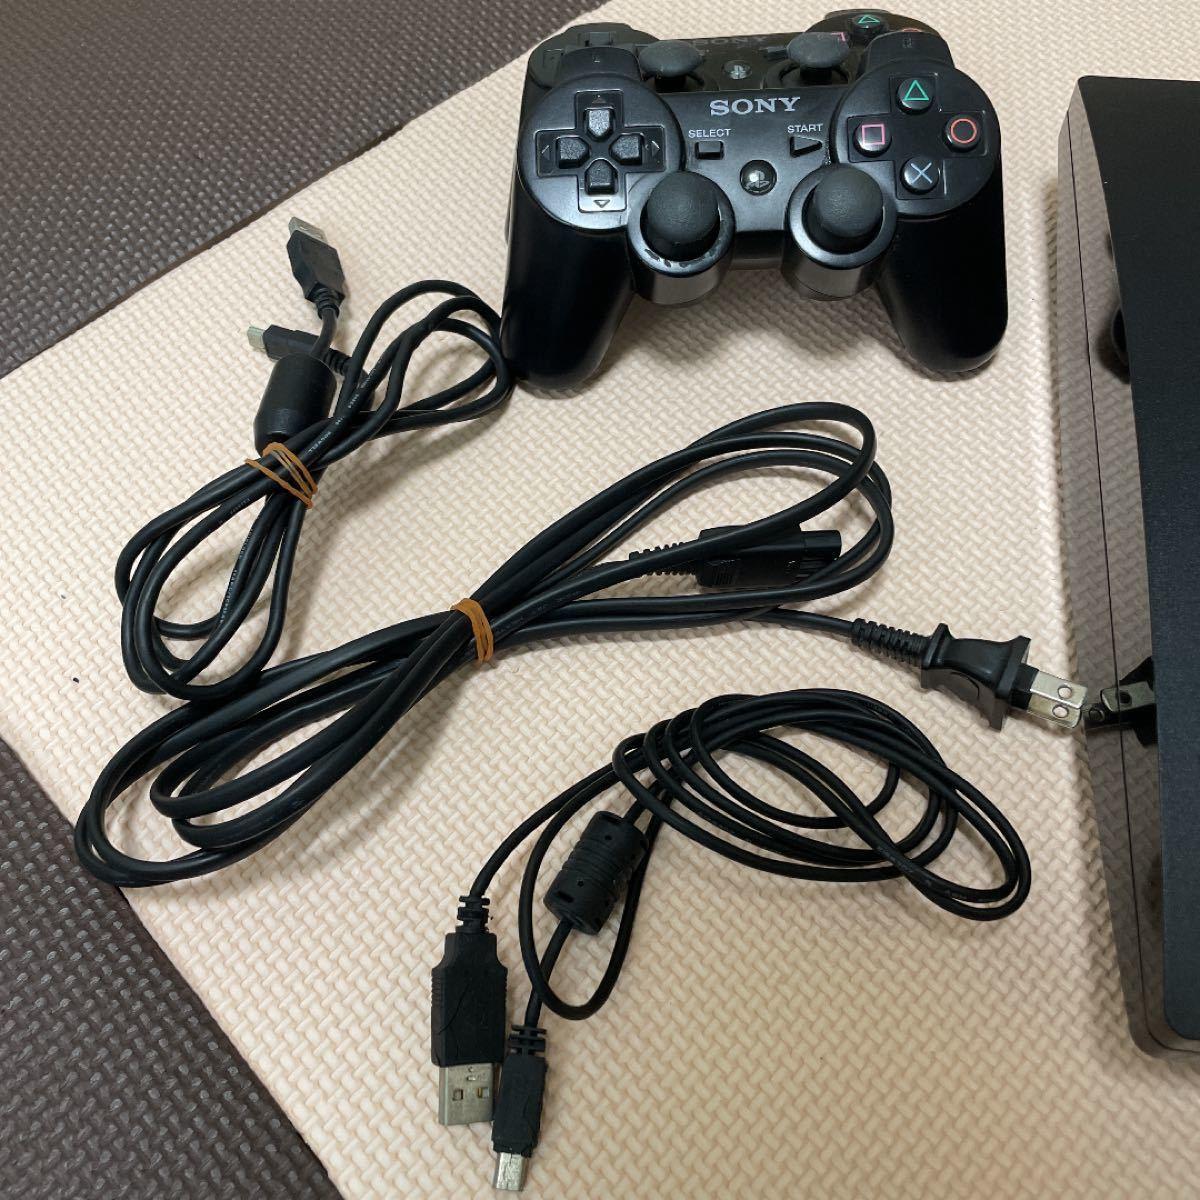 【最終値下げ】本体 PlayStation3 コントローラー2 各種ケーブル有